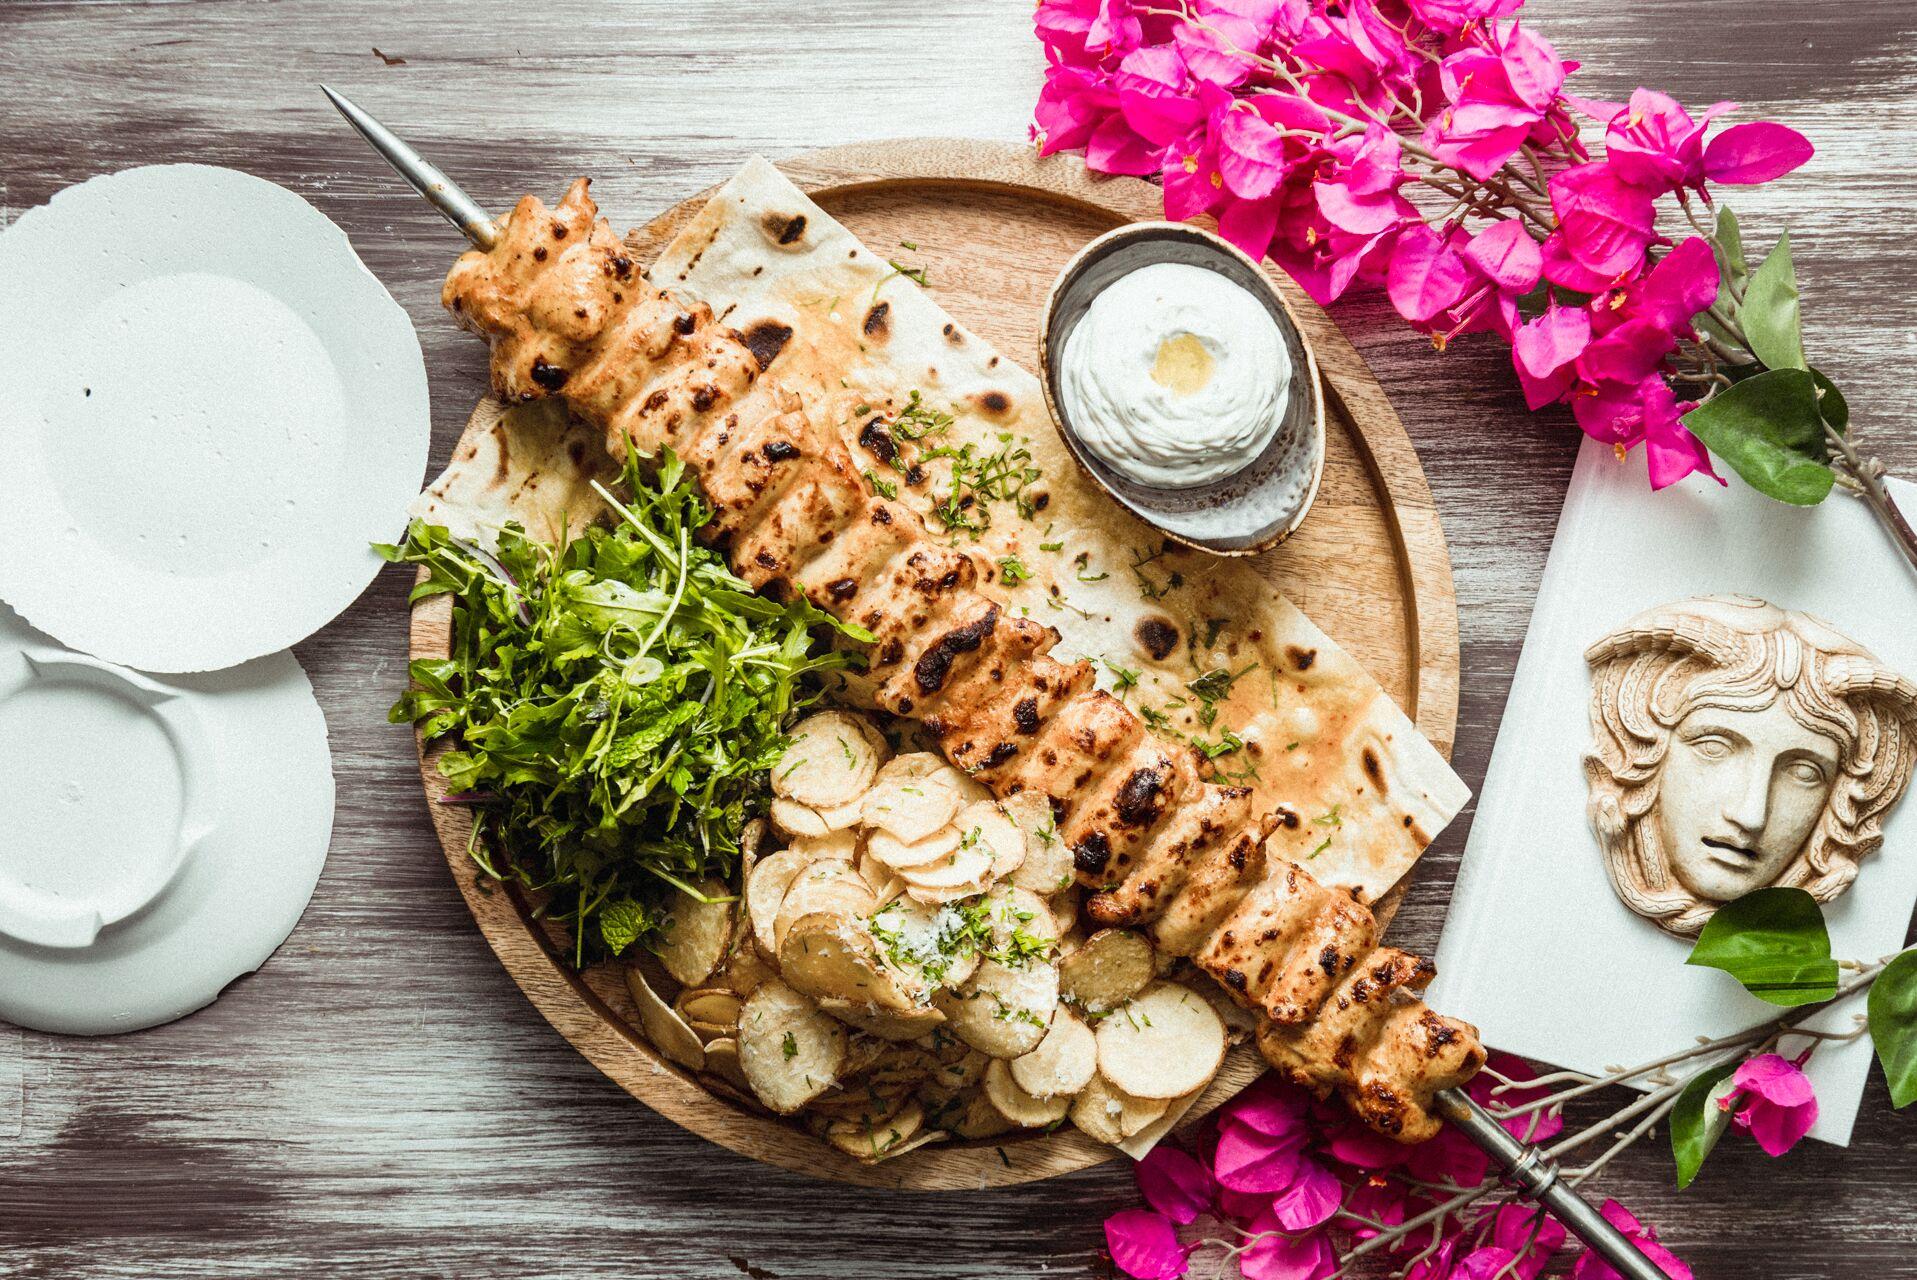 مطعم أوبا يقدم ألذ طبق دجاج كونتوسوفلي يمكنك تناوله في دبي - عين ...